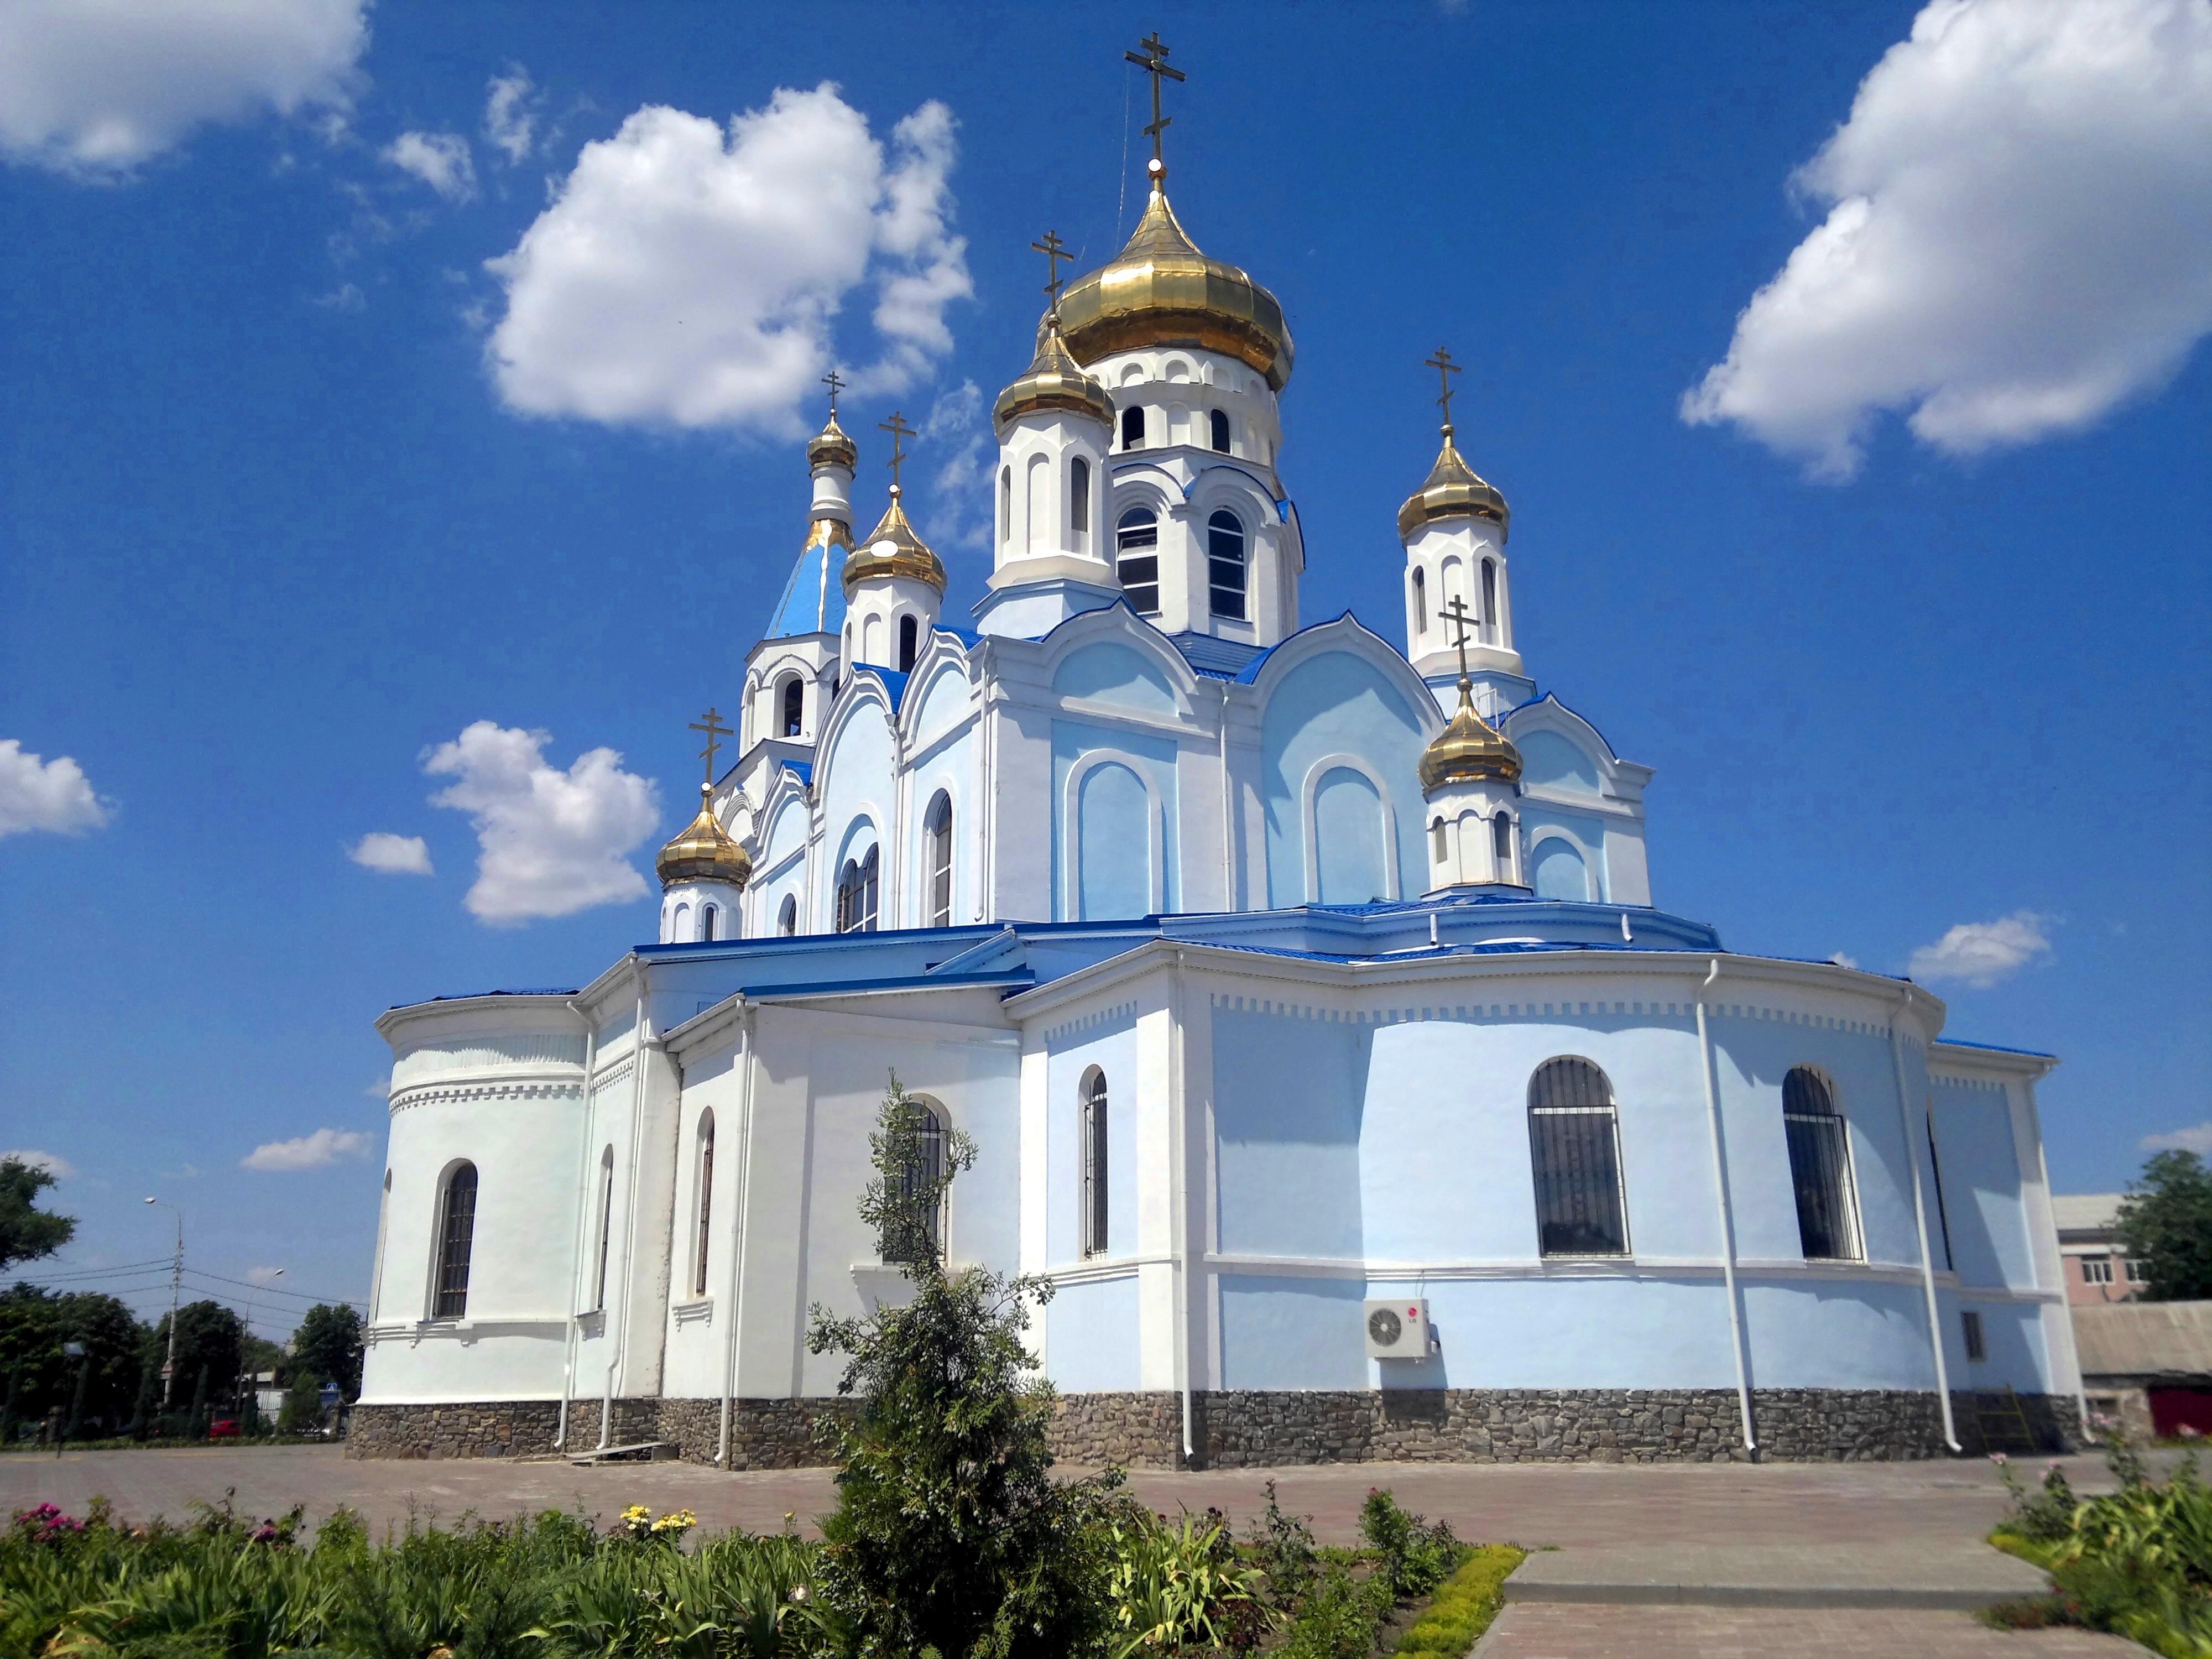 точнее фотографии города шахты ростовской области средства применяют домашних